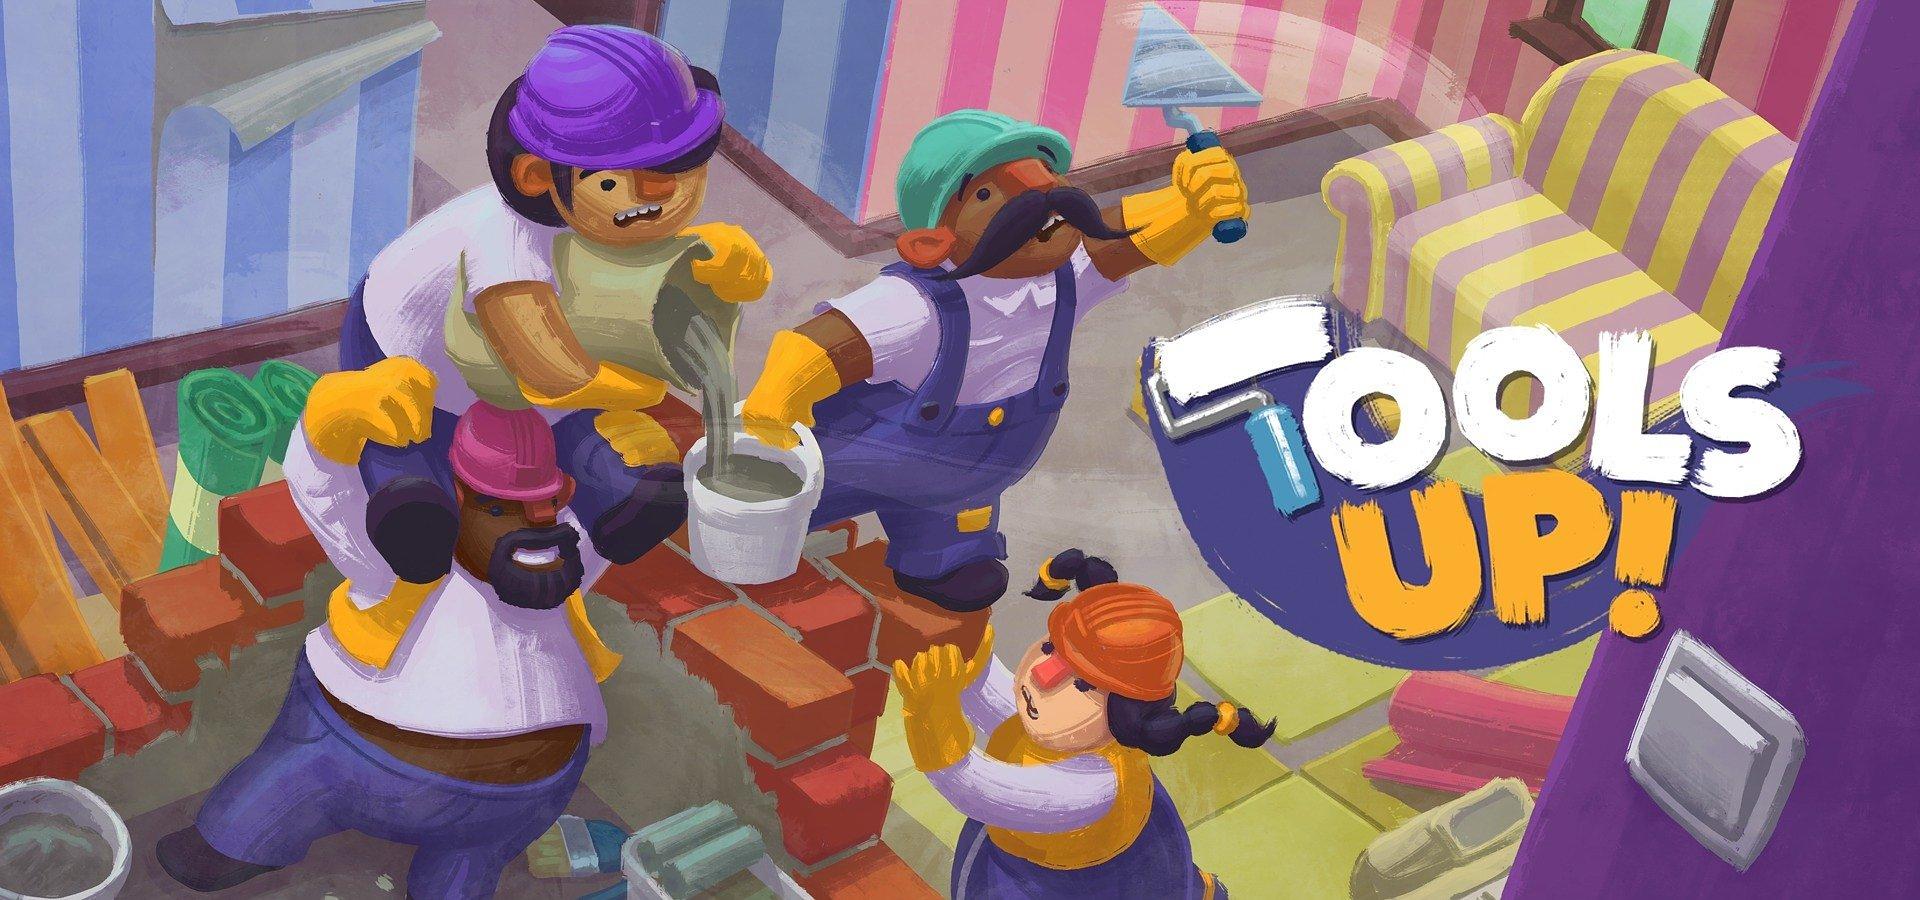 Tools Up! dostanie nowy update, a demo gry jest już dostępne na PC i konsolach